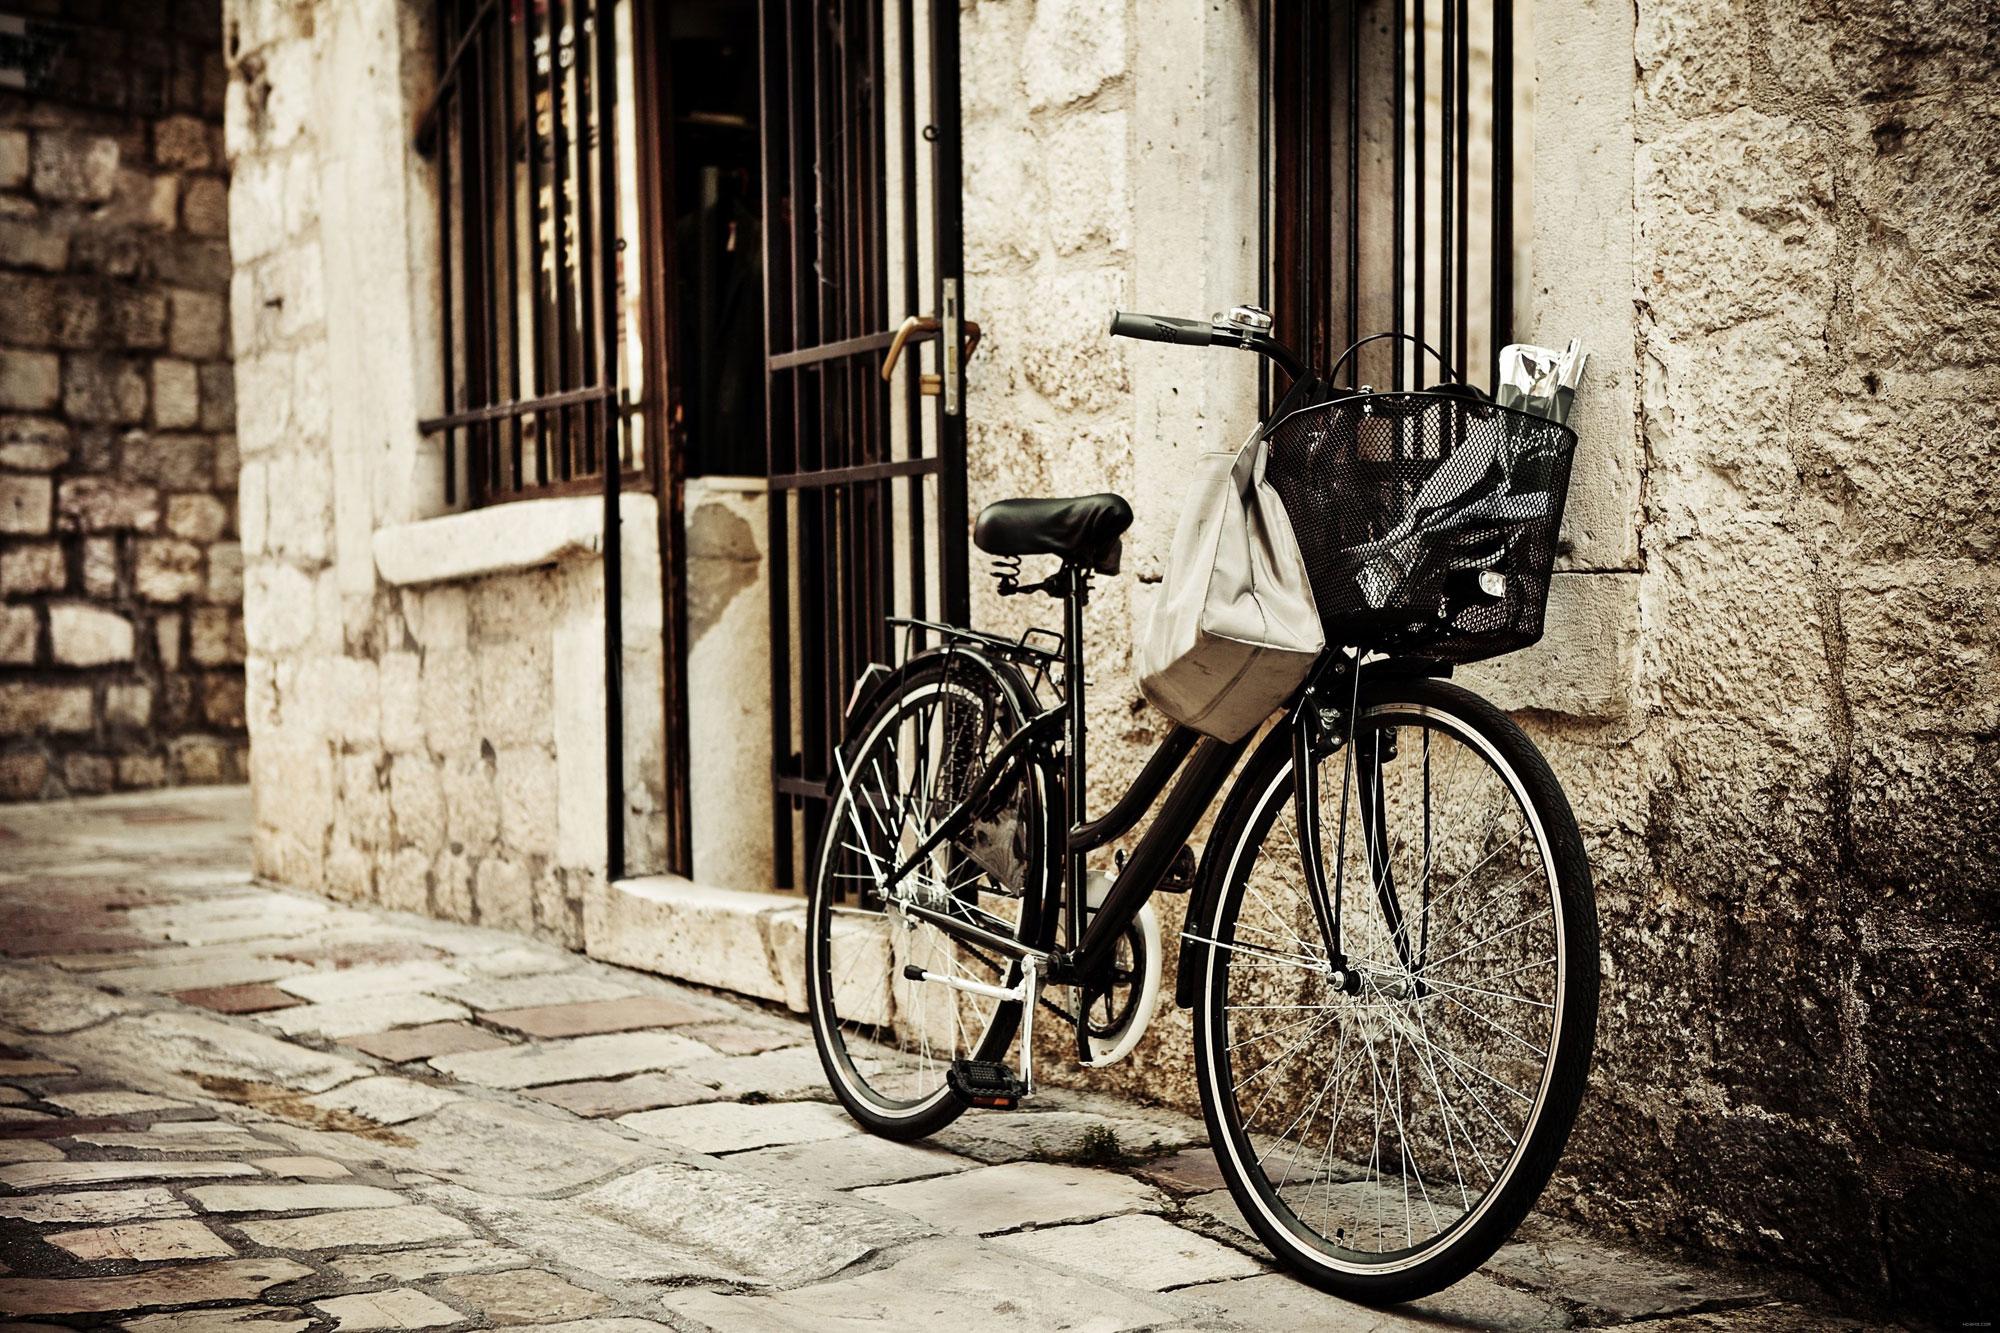 فوکوس: عکاسی تبلیغاتی با سوژه دوچرخه   گجت نیوزعکاسی تبلیغاتی با سوژه دوچرخه